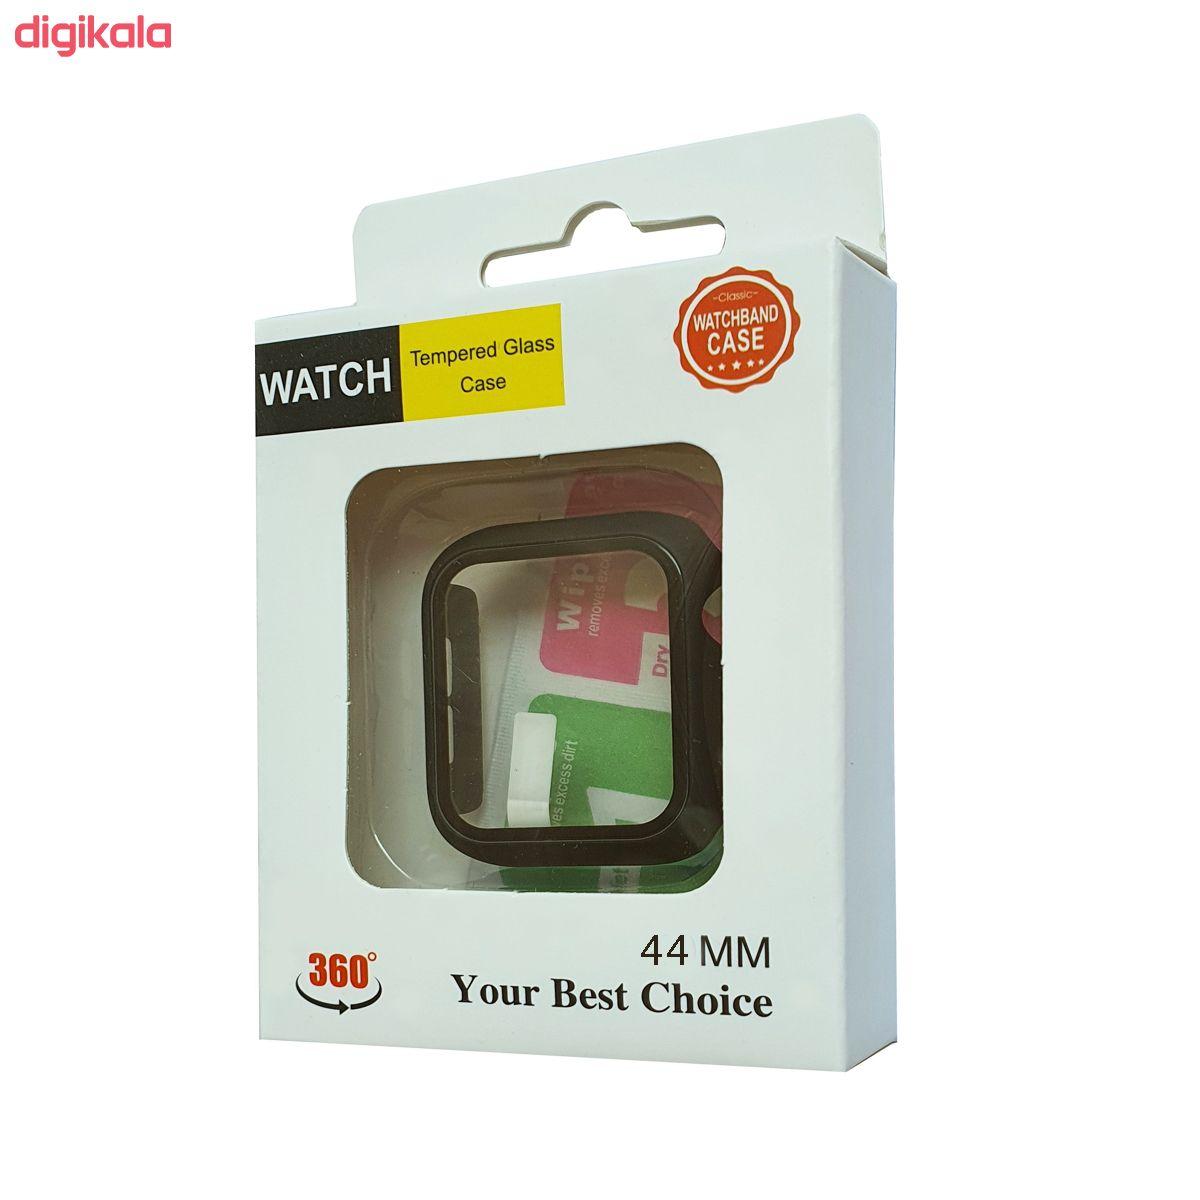 محافظ صفحه نمایش مدل AW44GU01me مناسب برای اپل واچ 44 میلی متری main 1 13